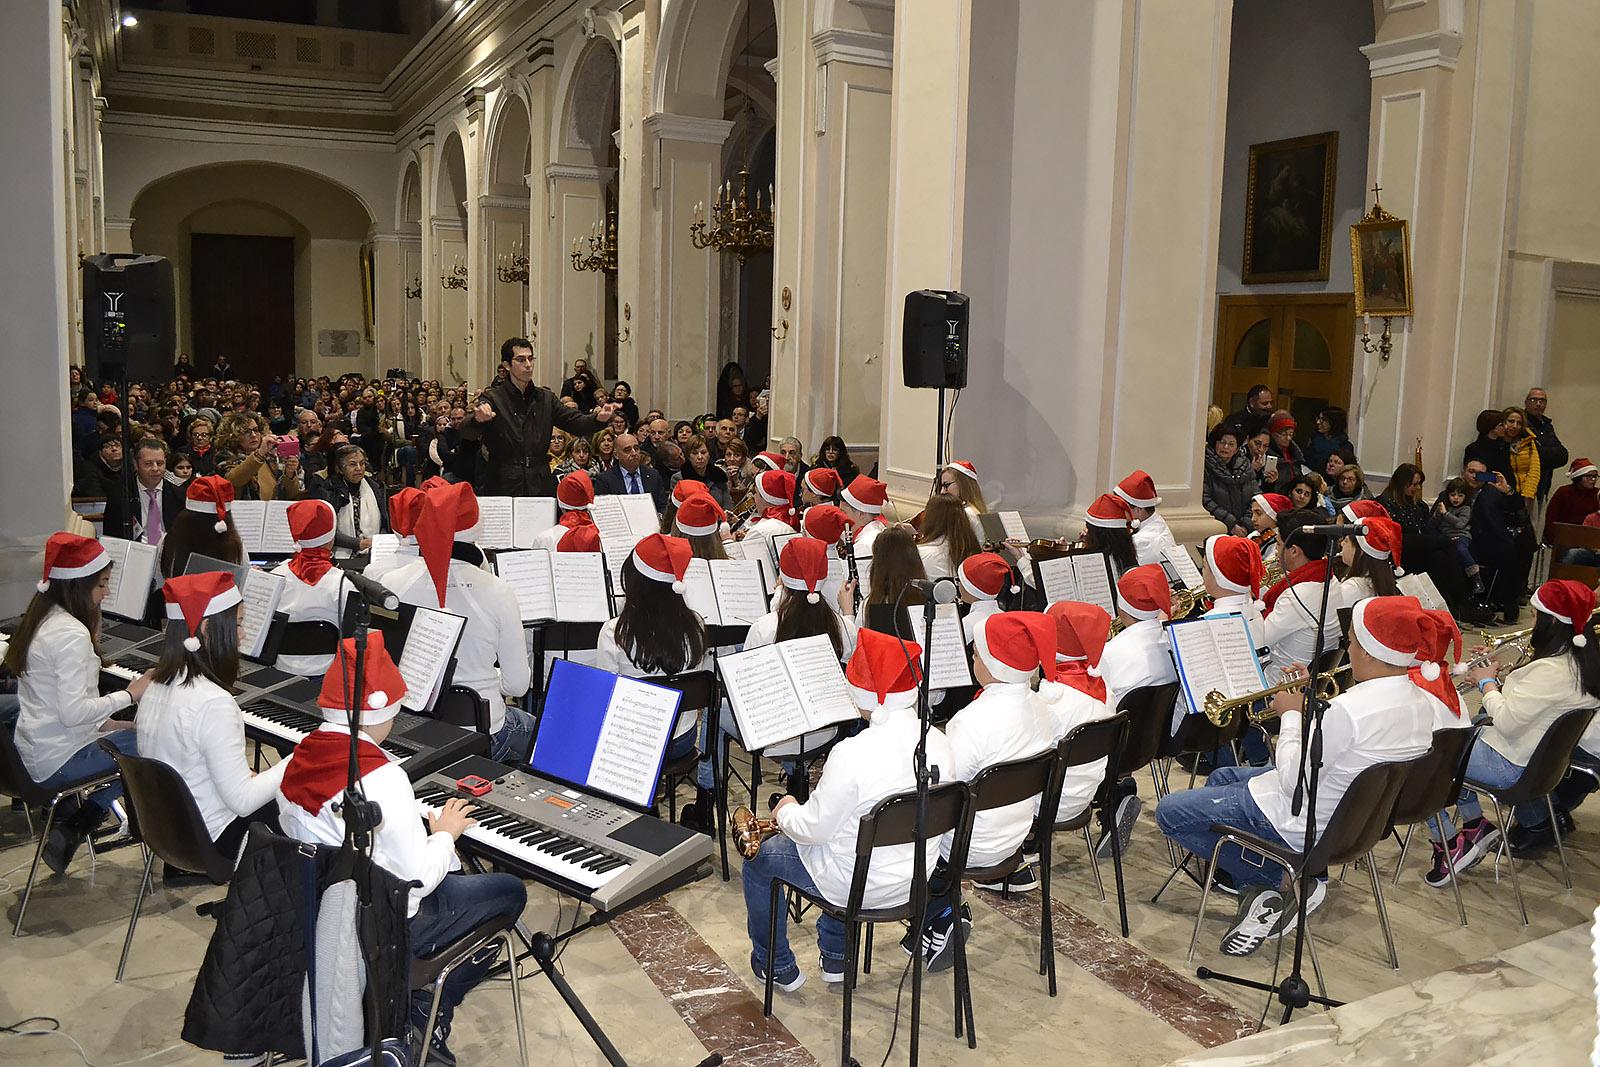 Dall'Immacolata alla Befana: prende il via il lungo Natale di Santa Croce